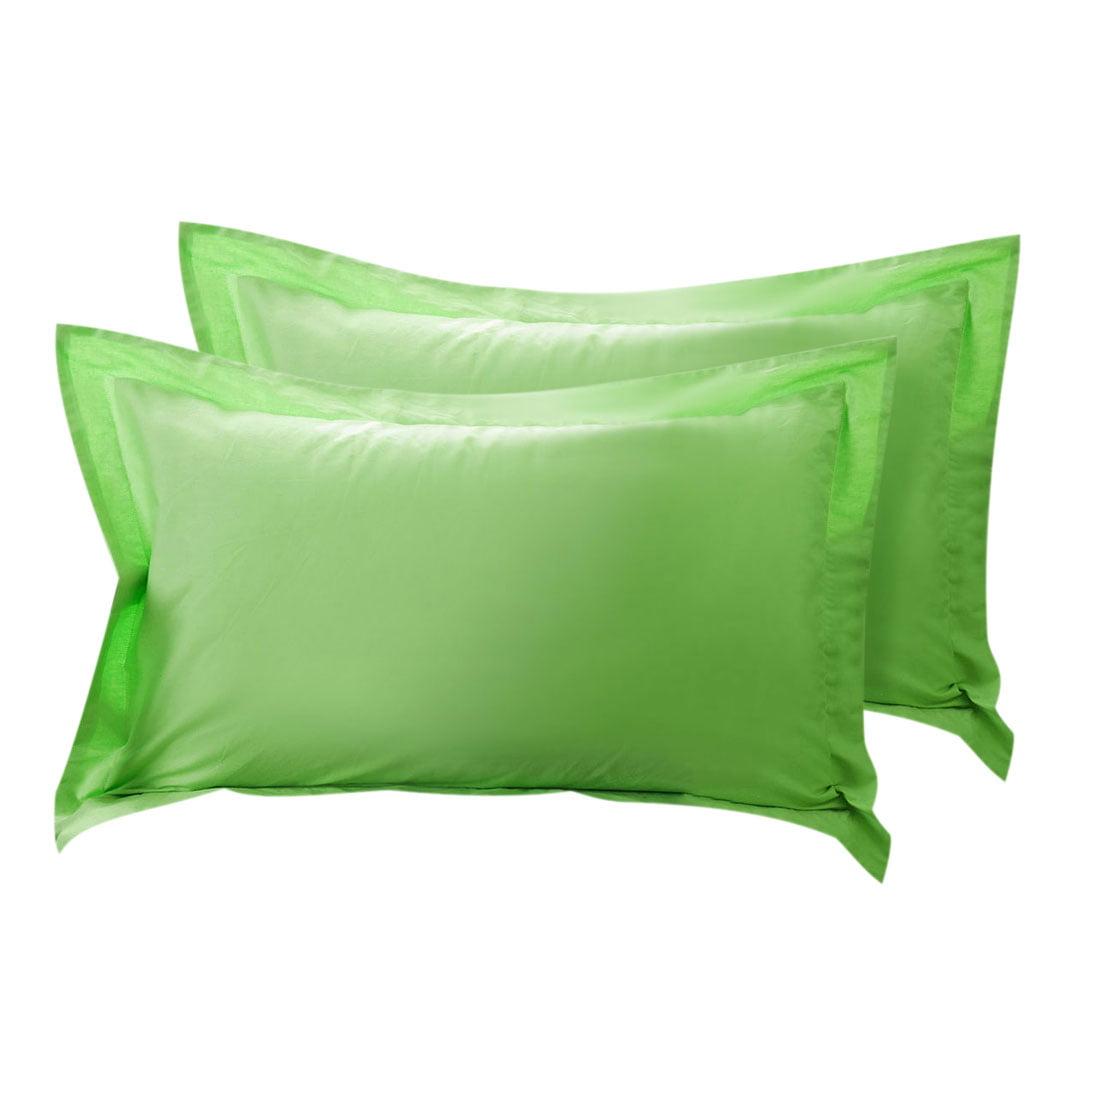 Boudoir Couvre-oreillers en coton Oxford Taie d'oreiller vert 20 x 36 pouces, Set de 2 - image 1 de 1